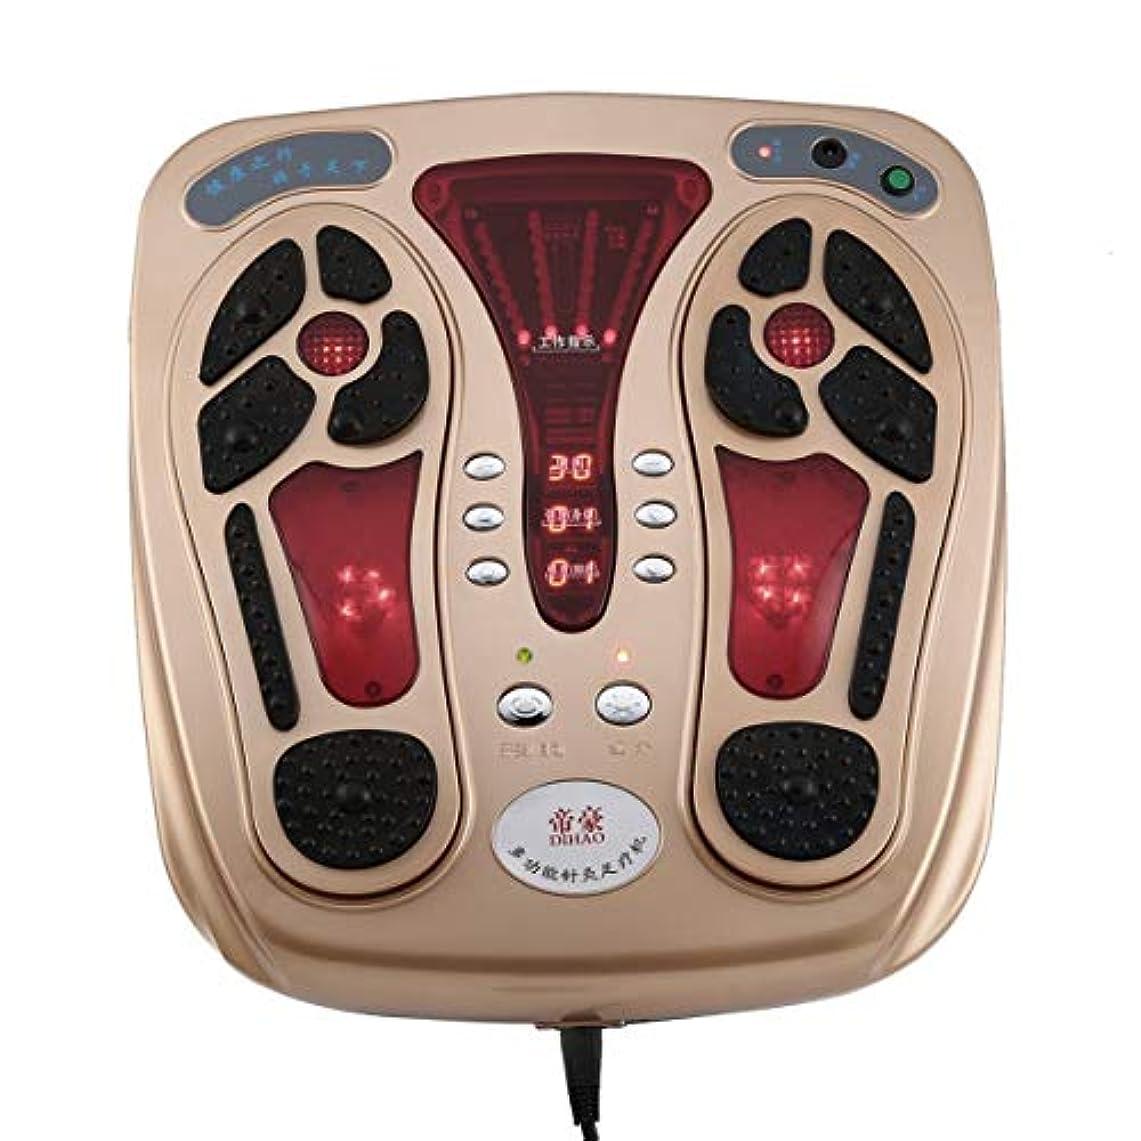 闇敵対的平和的Multifunctional Body Health Care Foot Massaging Device Electromagnetic Infrared Wave Pulse Foot Massager Circulation...